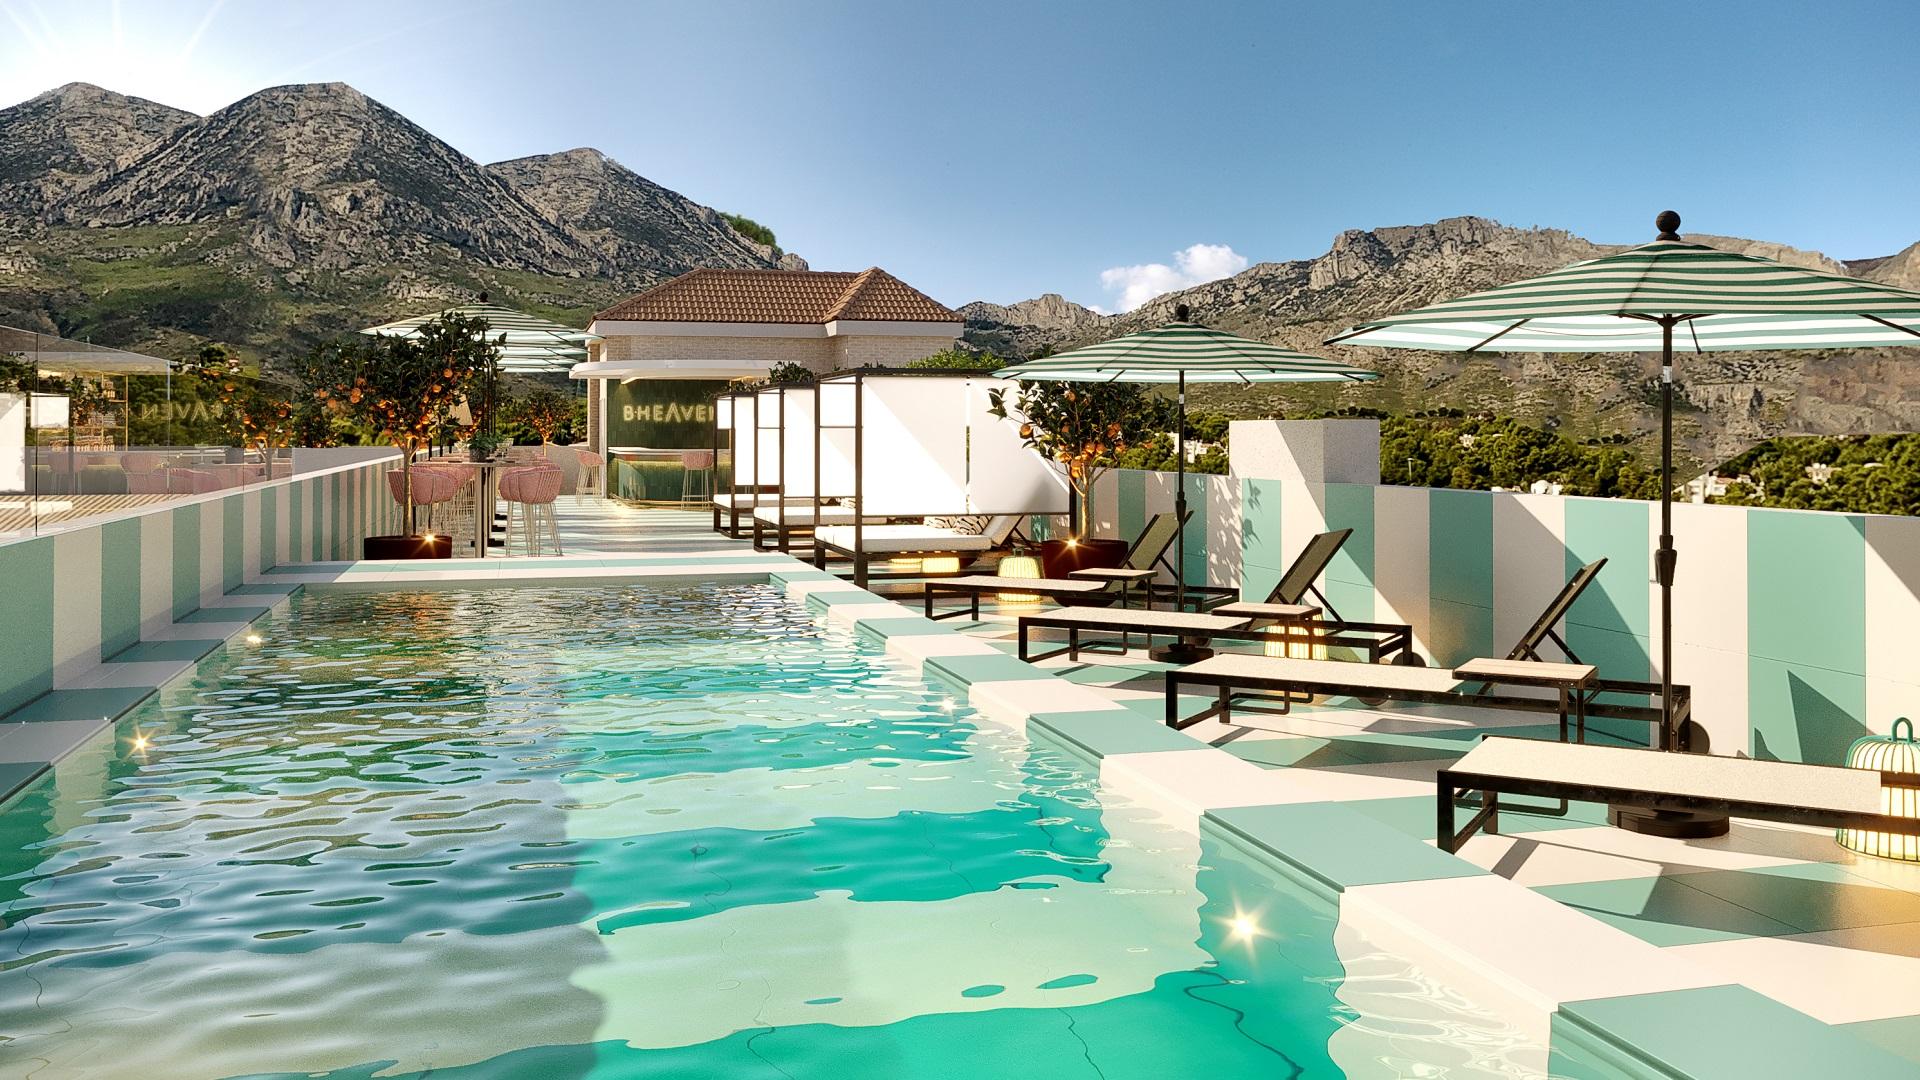 Barceló La Nucía Palms el nuevo hotel cinco estrellas de Barceló en Alicante